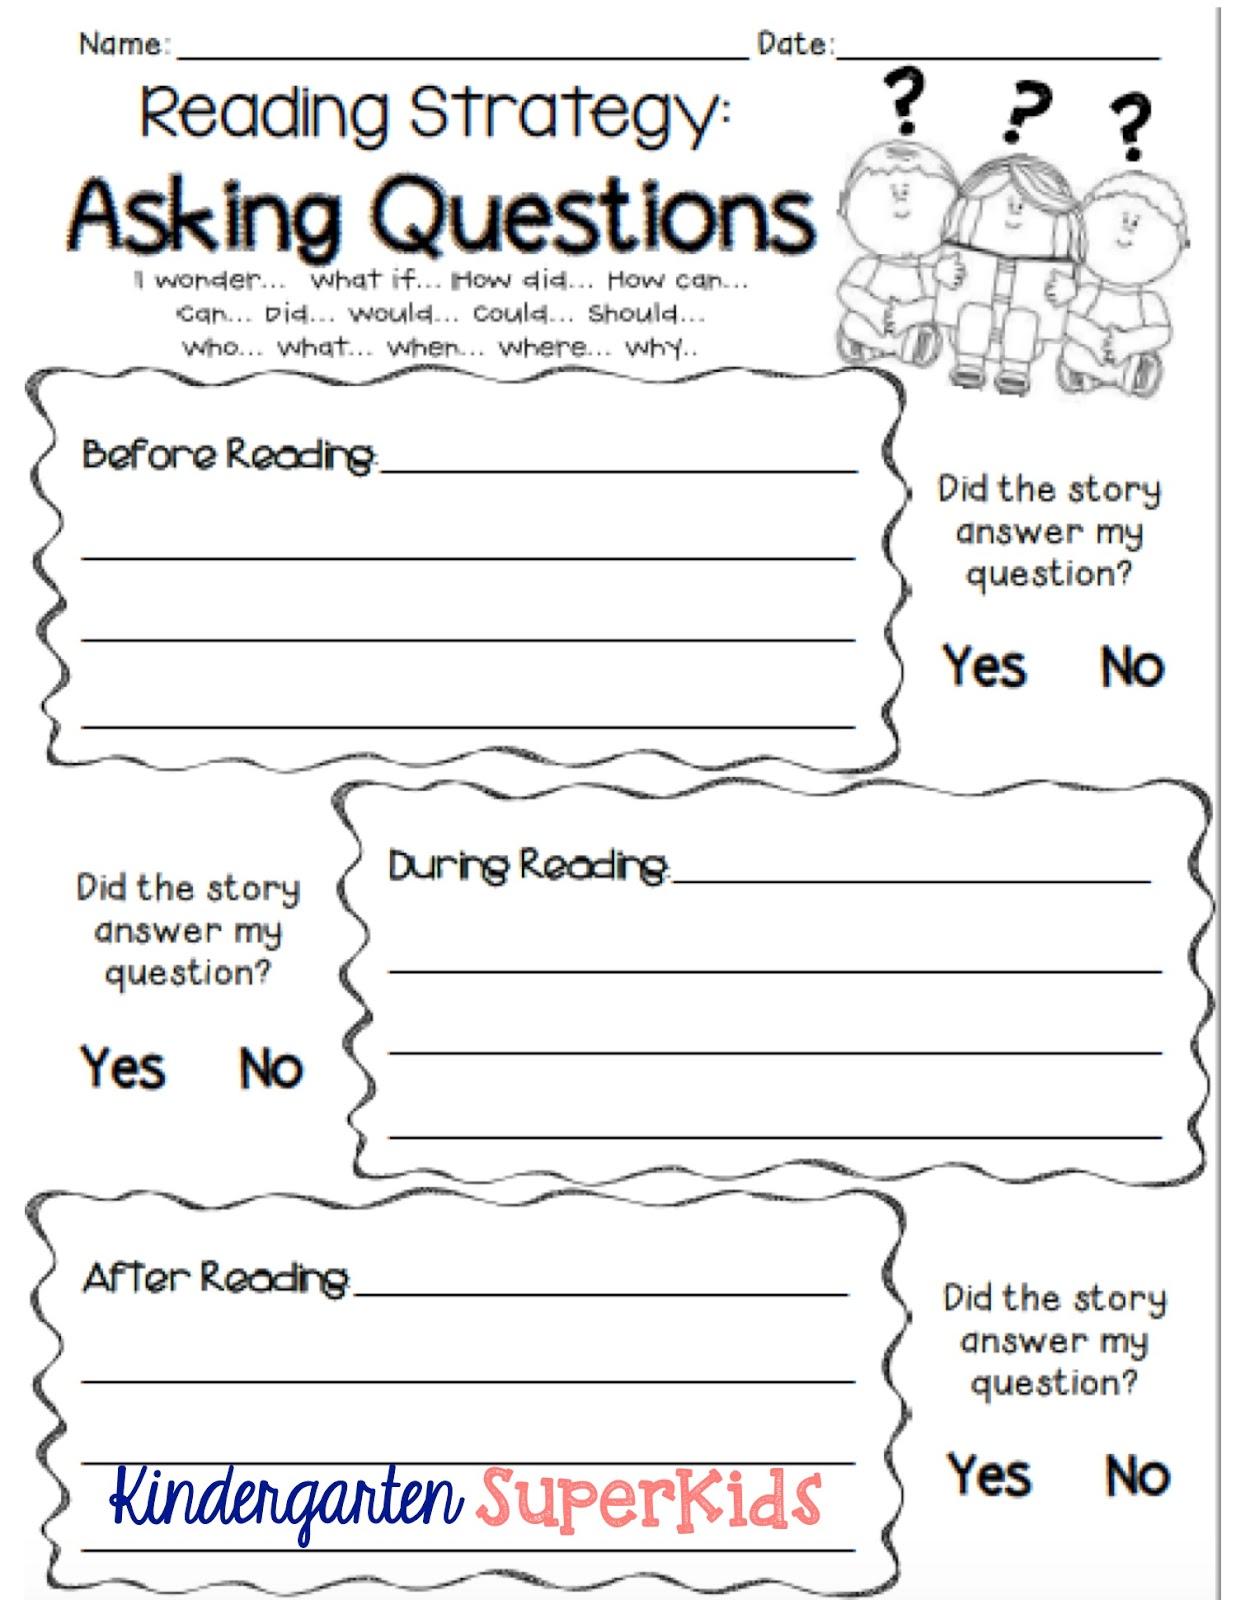 Đặt câu hỏi trước, trong và sau khi đọc